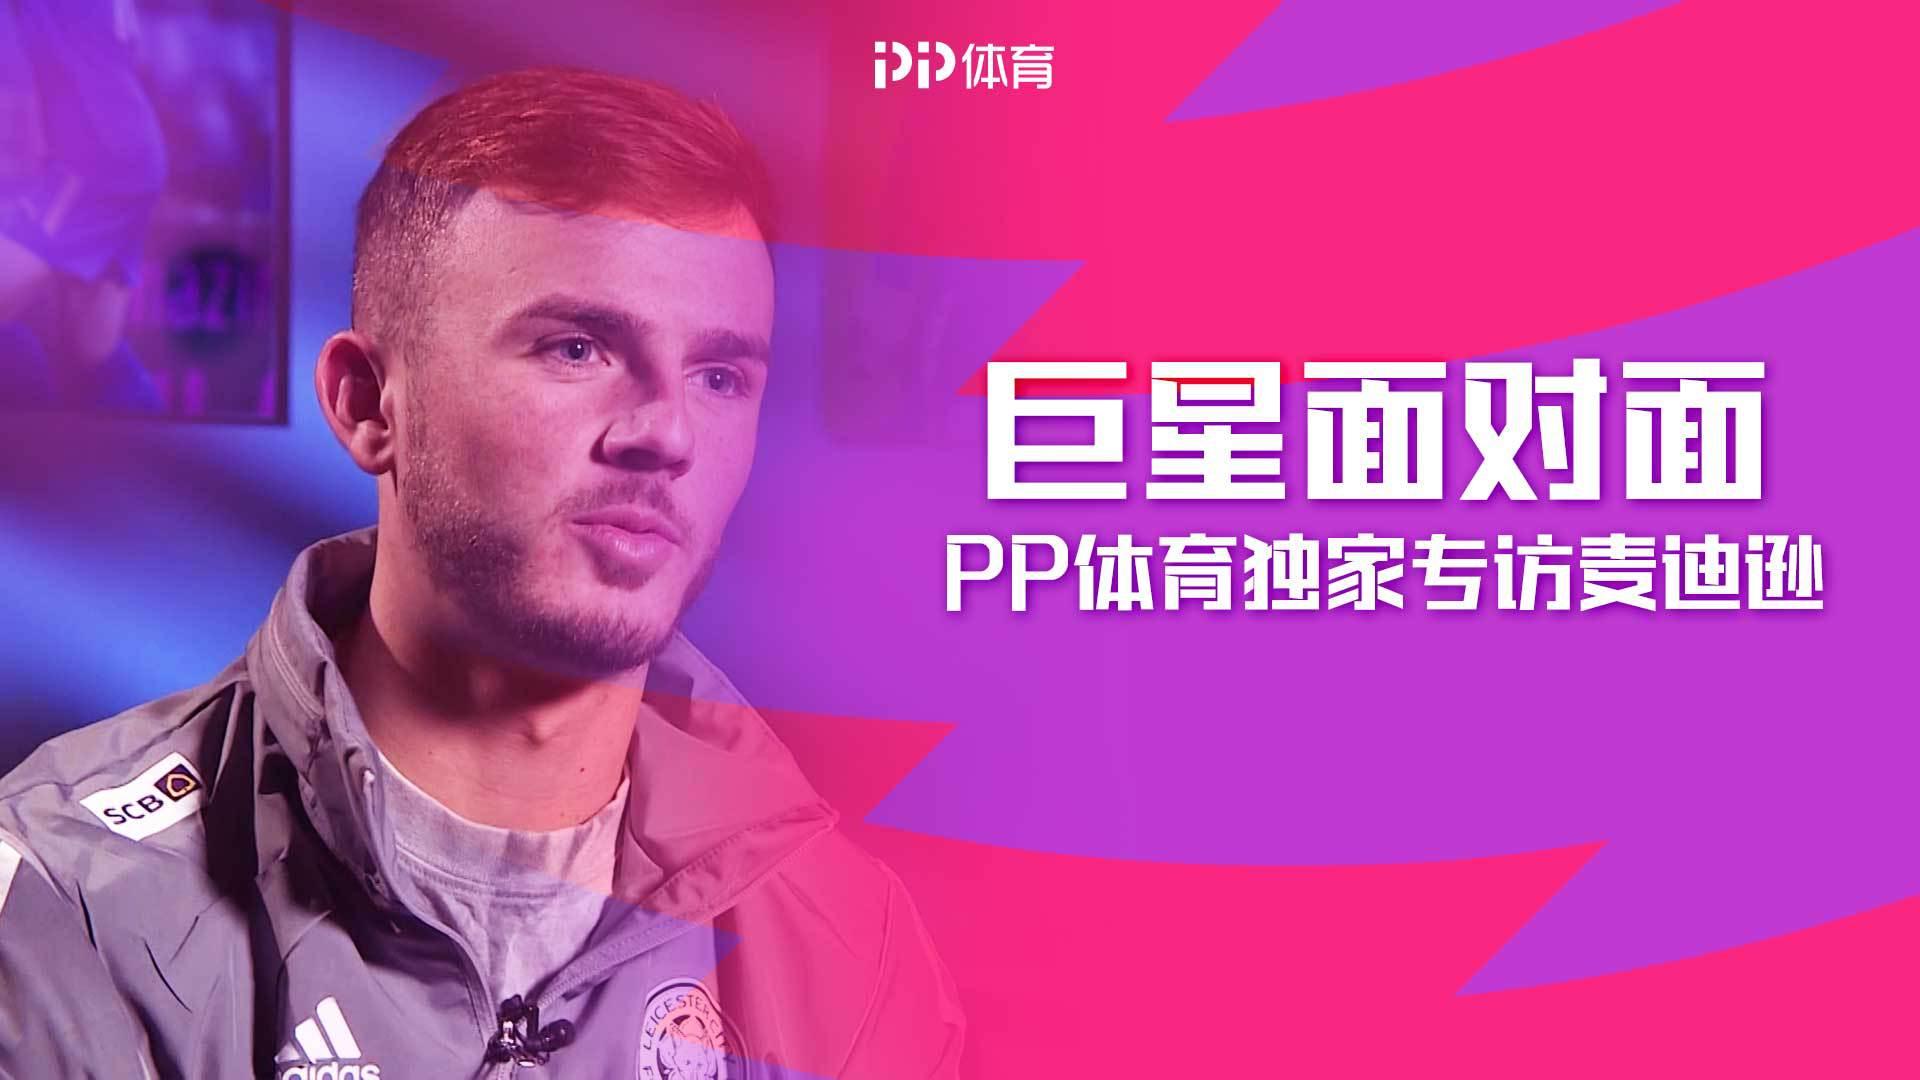 PP体育专访麦迪逊:蓝狐赛季目标=进欧冠 我也是C罗迷弟